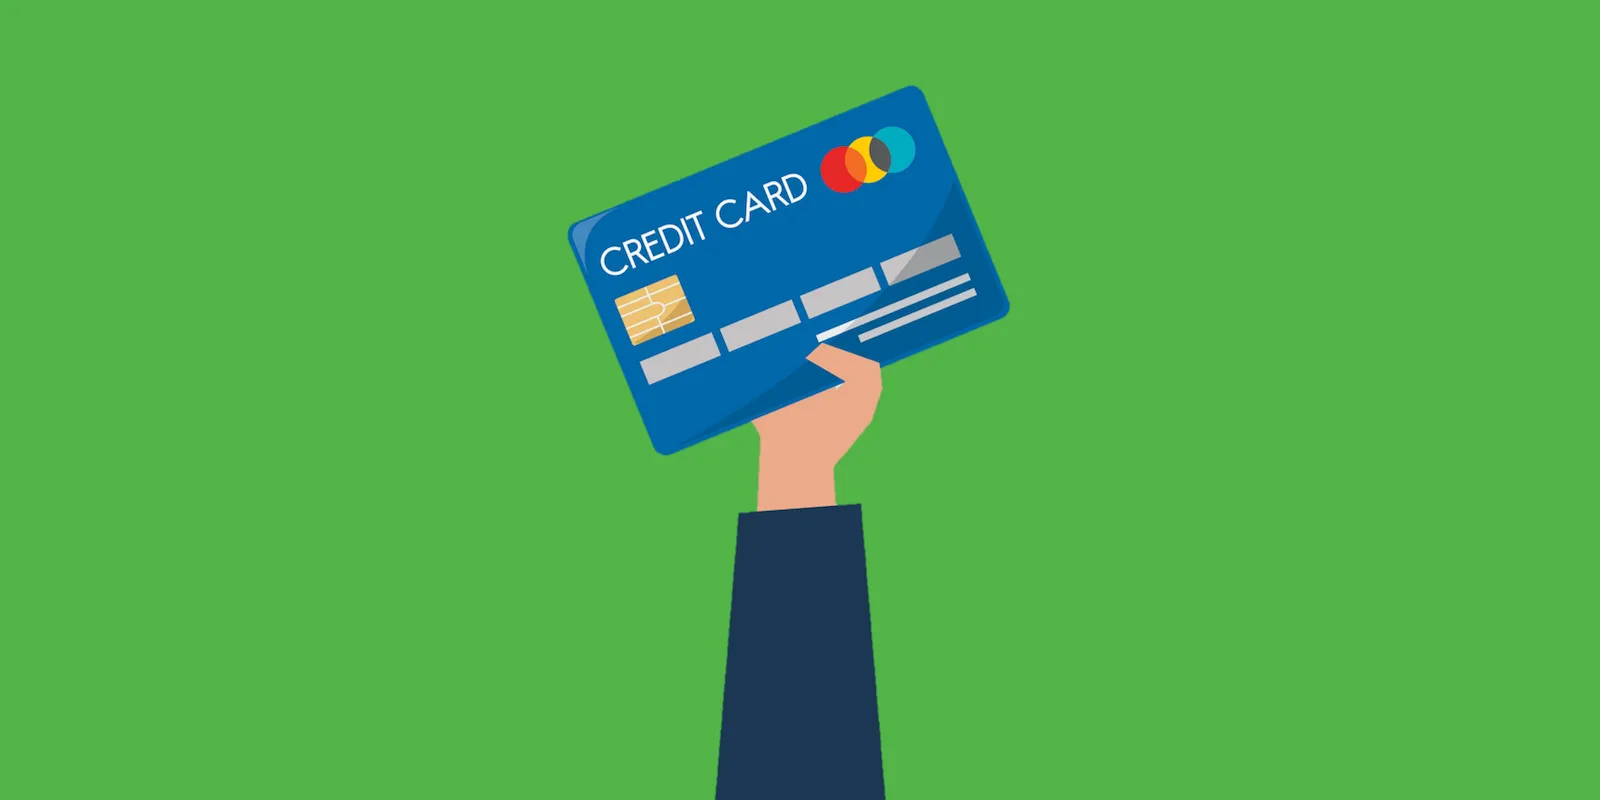 避免使用信用卡全部额度